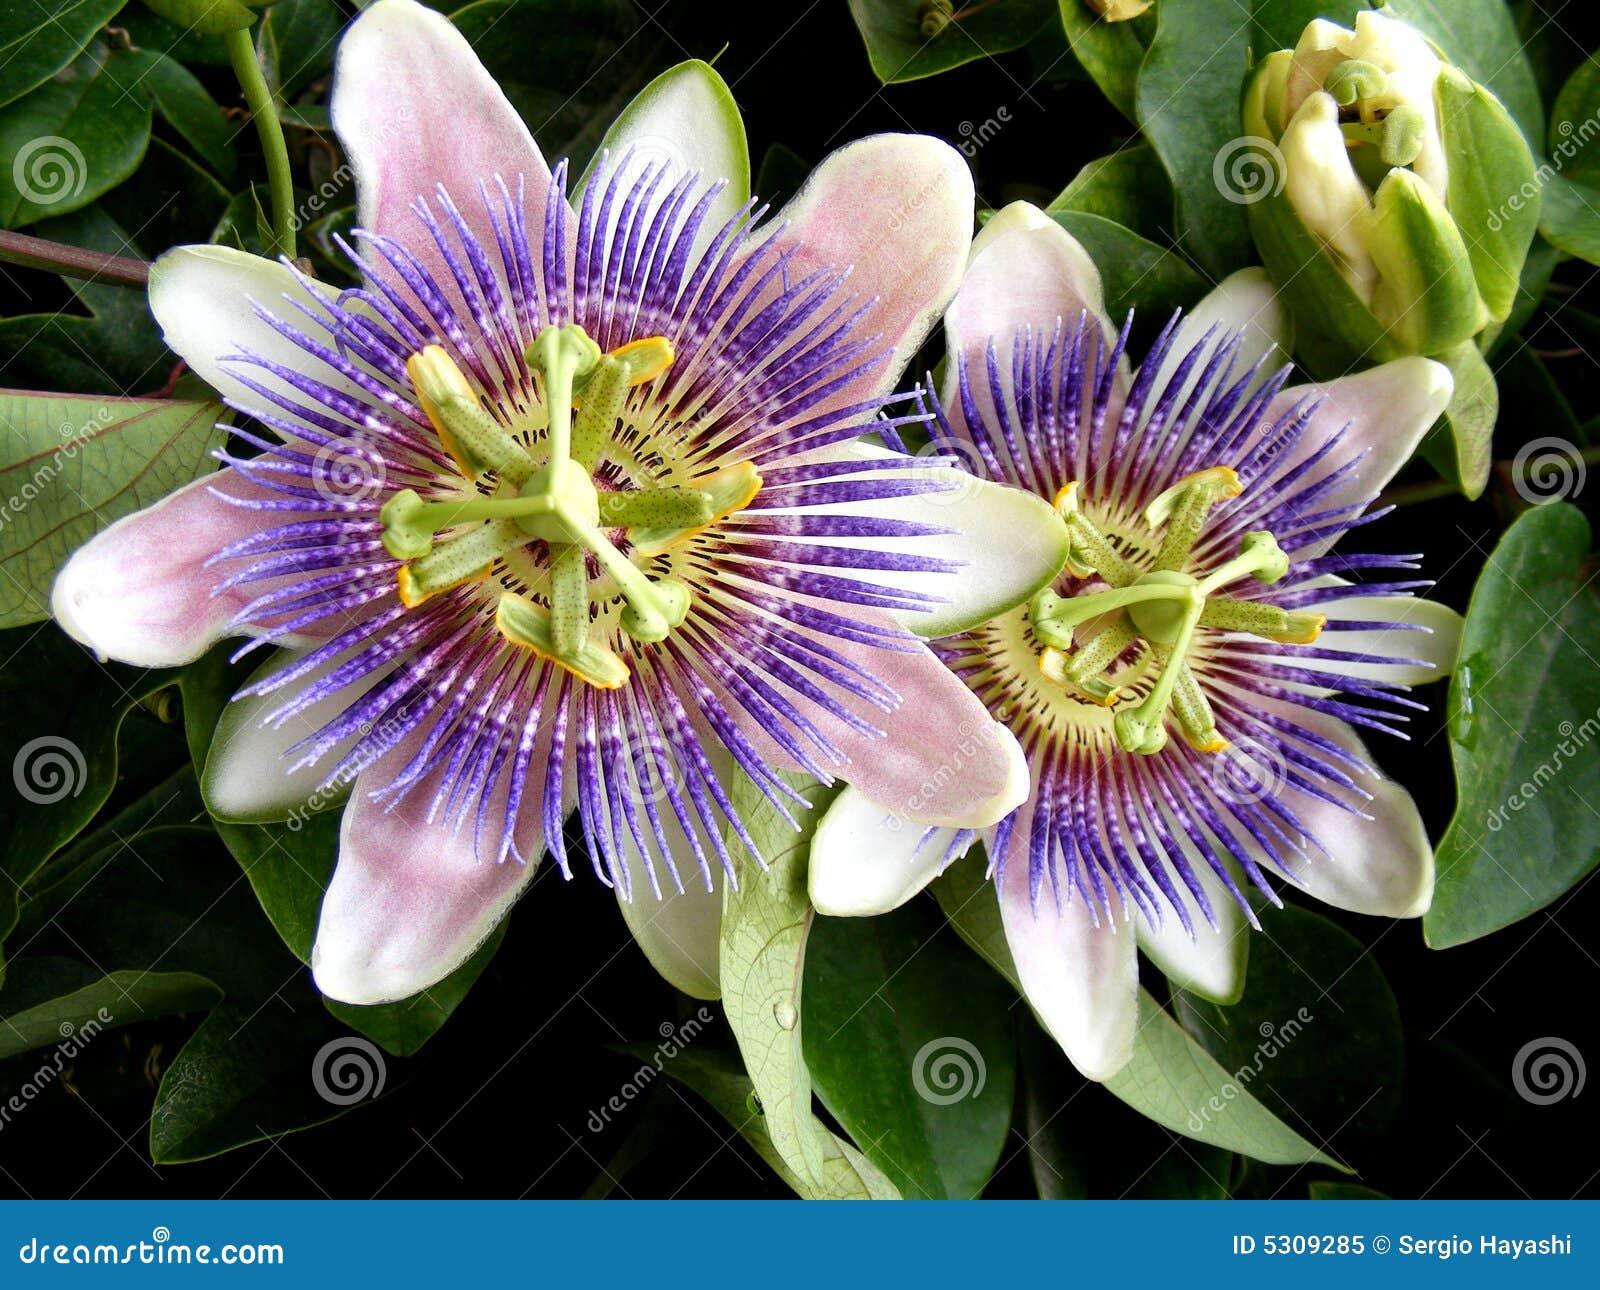 Download Caerulea della passiflora immagine stock. Immagine di fioritura - 5309285